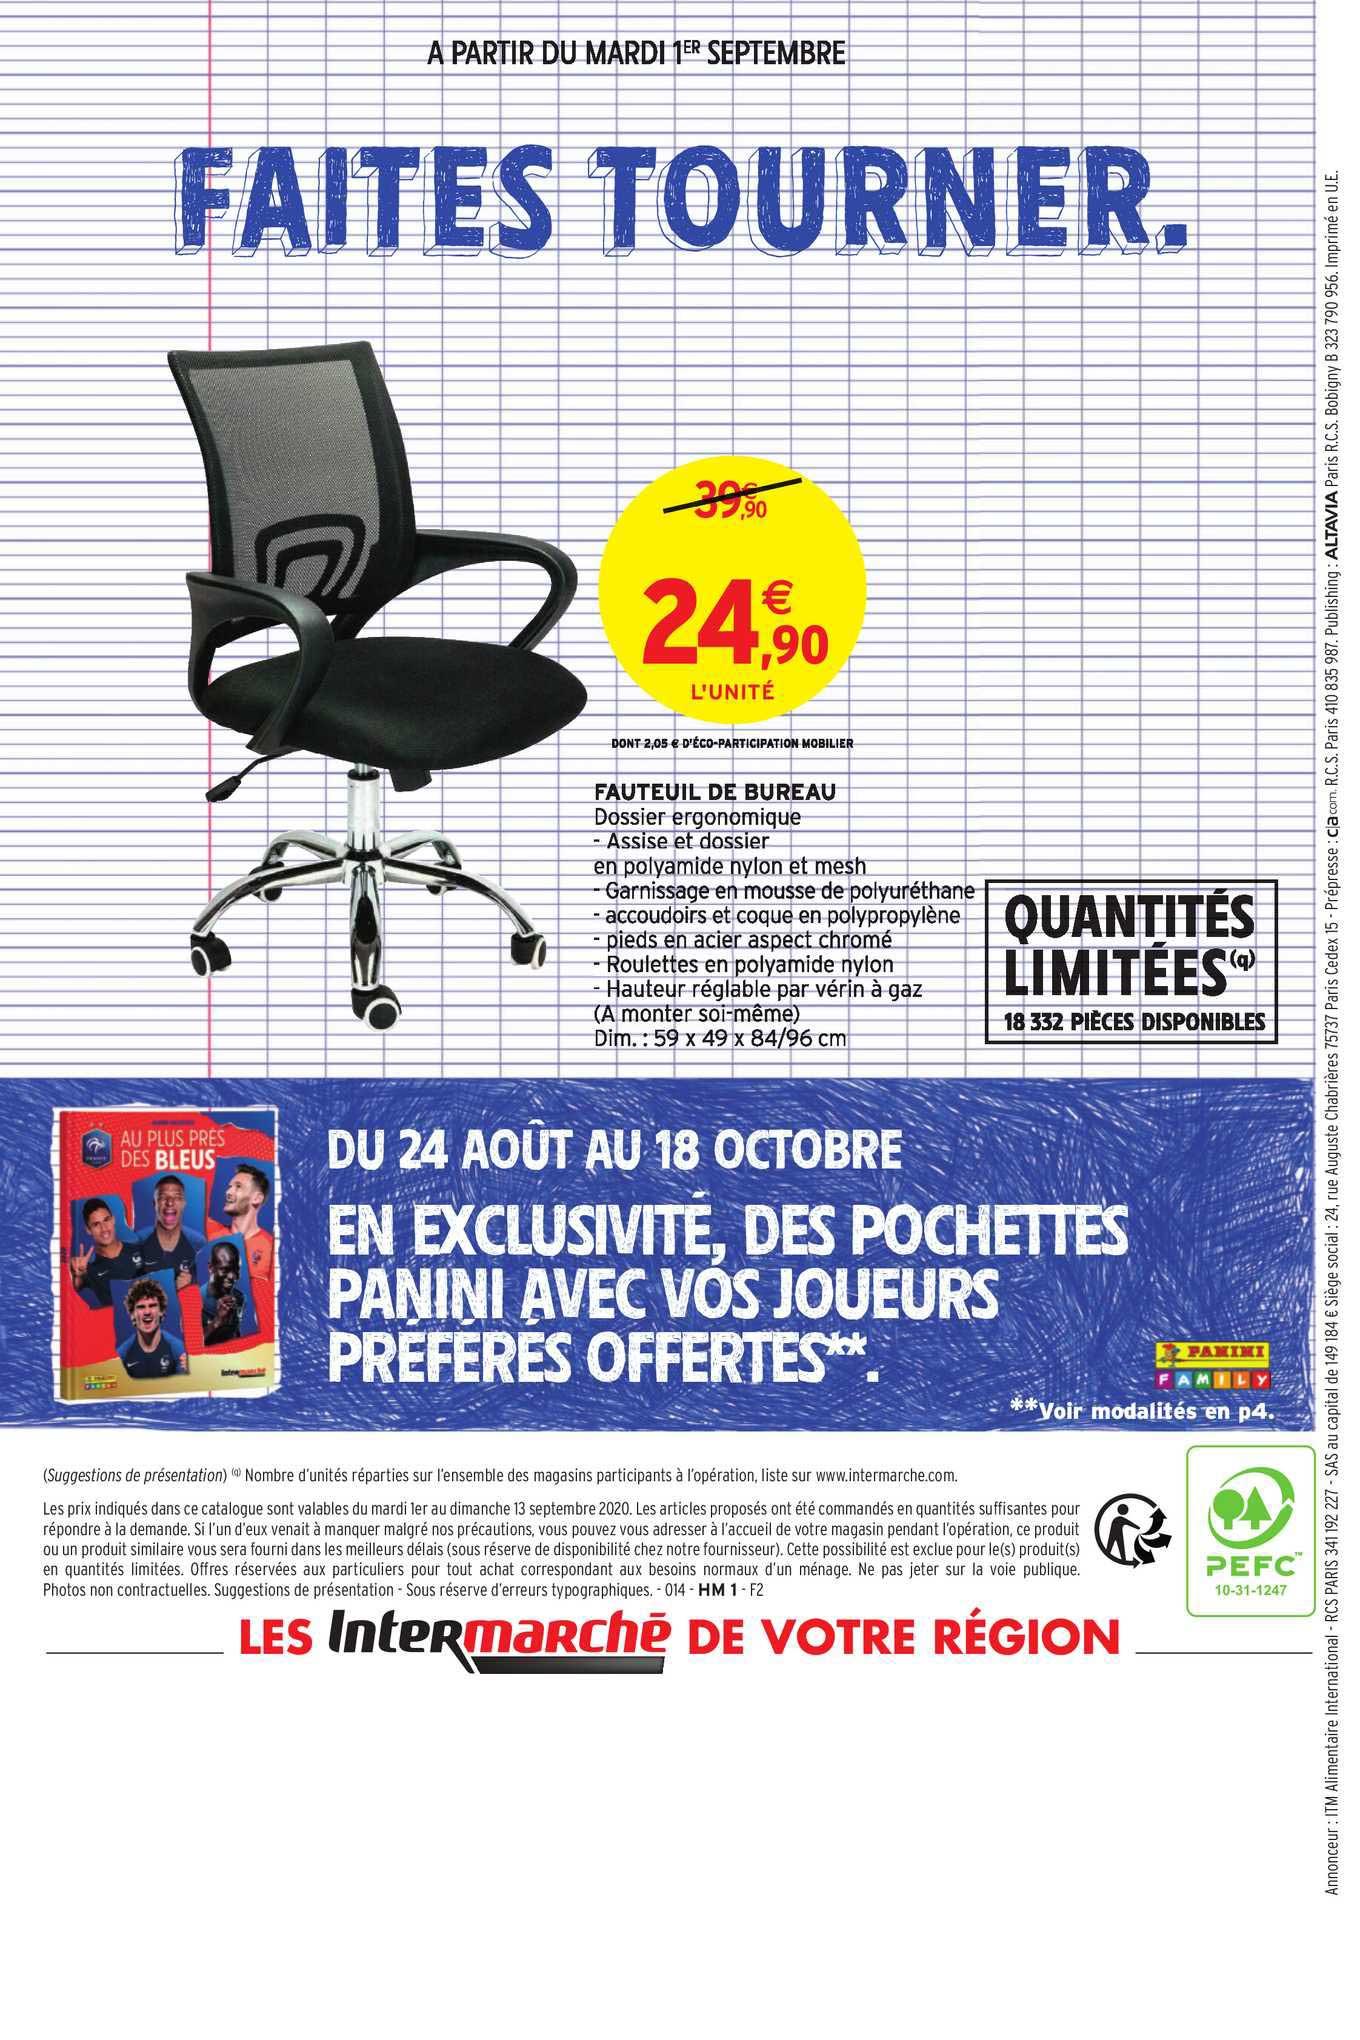 Intermarché Hyper Fauteuil De Bureau